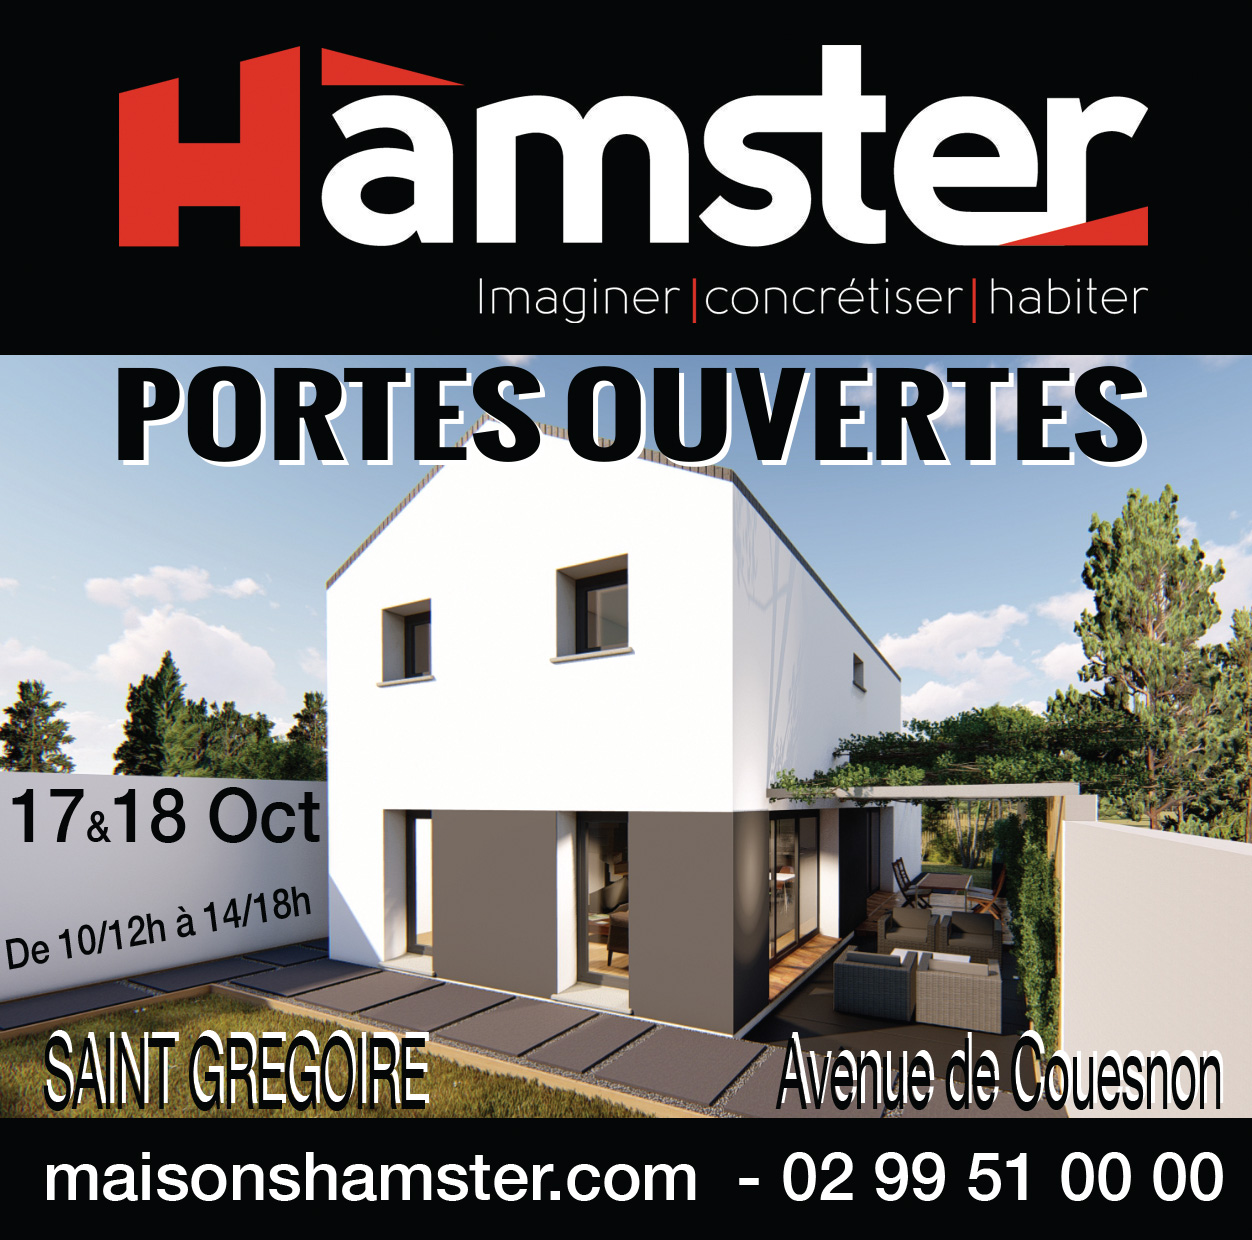 Portes Ouvertes à Saint Grégoire les 17 & 18 Octobre 2020.